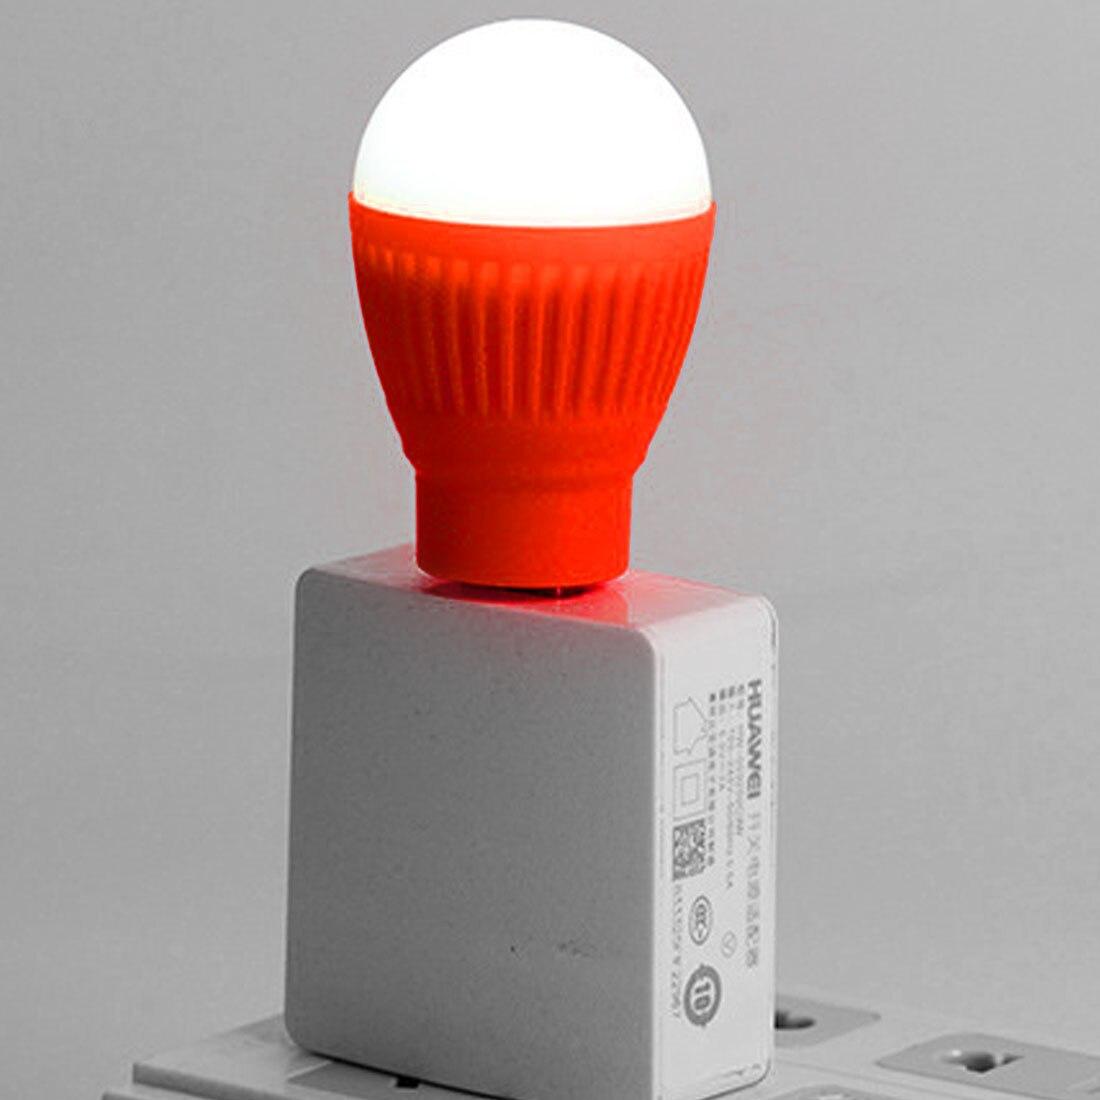 Concienzudo Venta Superior Luz De Noche Mini Bombilla Led Usb Linterna Redonda Al Aire Libre Lámpara De Emergencia Ordenador Portátil Luz De Lectura Ahorro De Energía Distintivo Por Sus Propiedades Tradicionales.